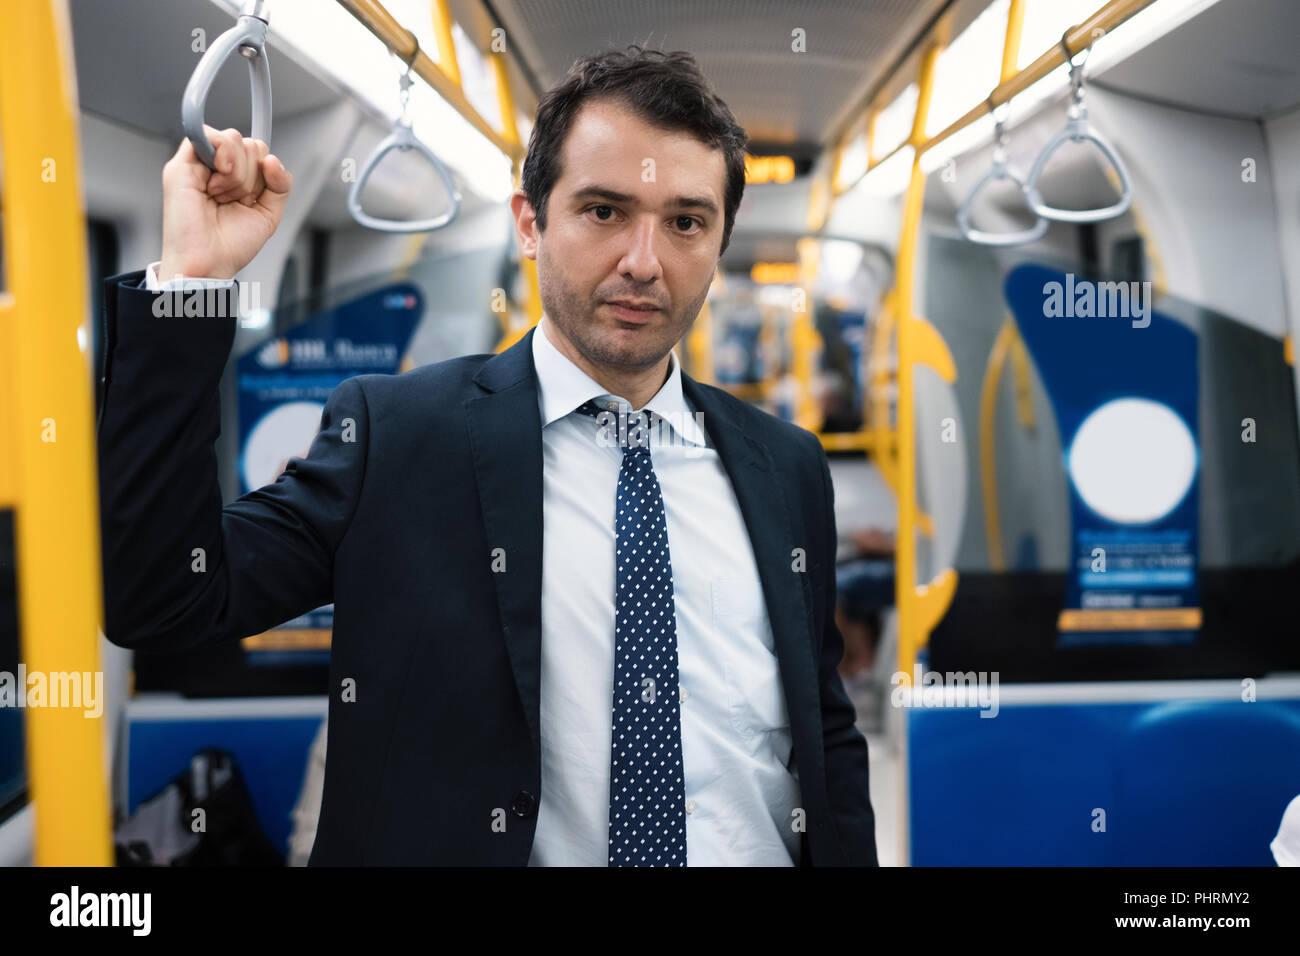 Retrato de hombre de negocios que viaja a trabajar. De pie dentro de metro Foto de stock